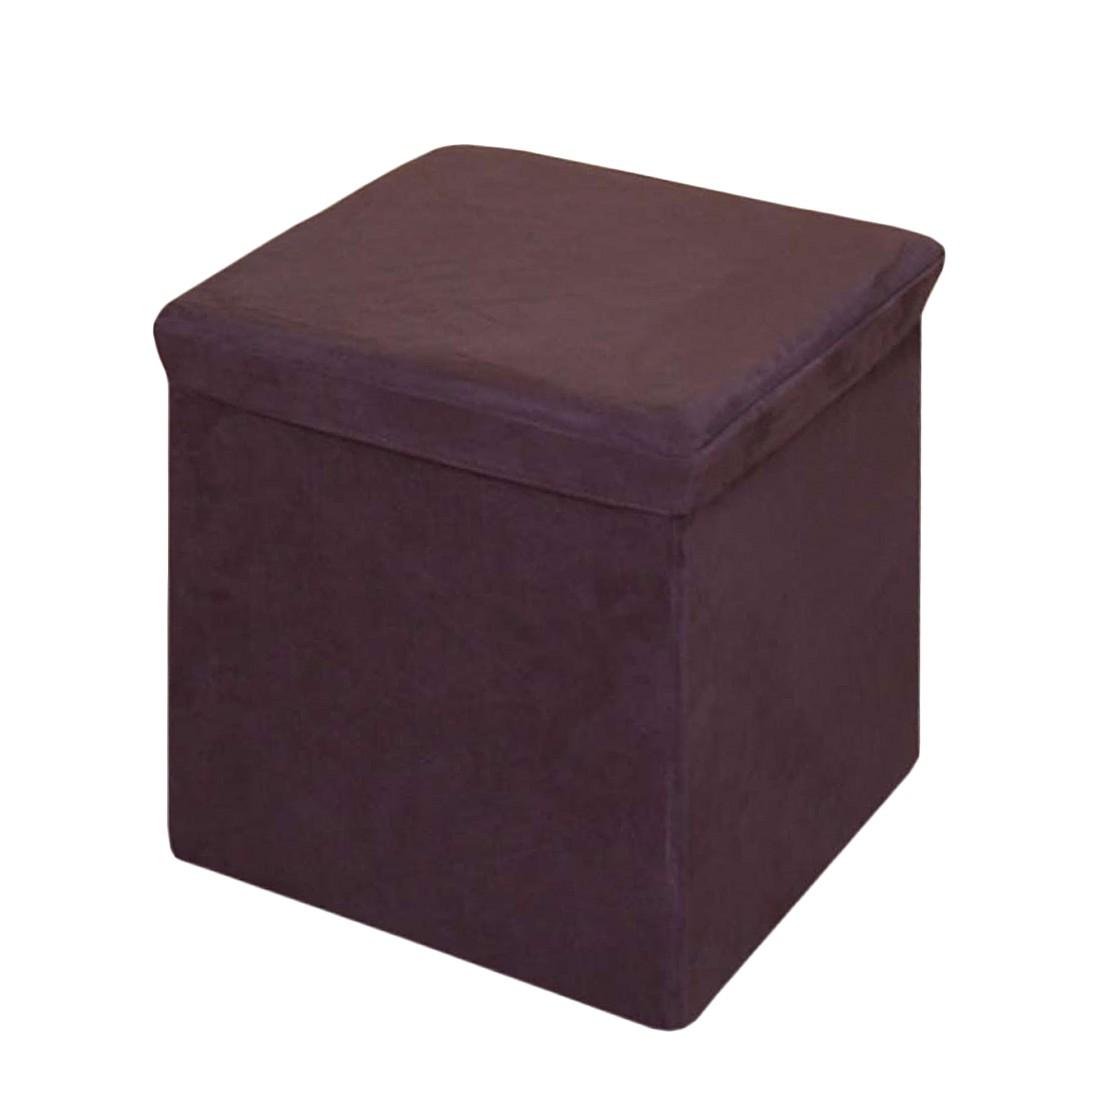 Sitzhocker – mit Aufbewahrungsbox – Braun – Braun, Leder, Mendler jetzt kaufen